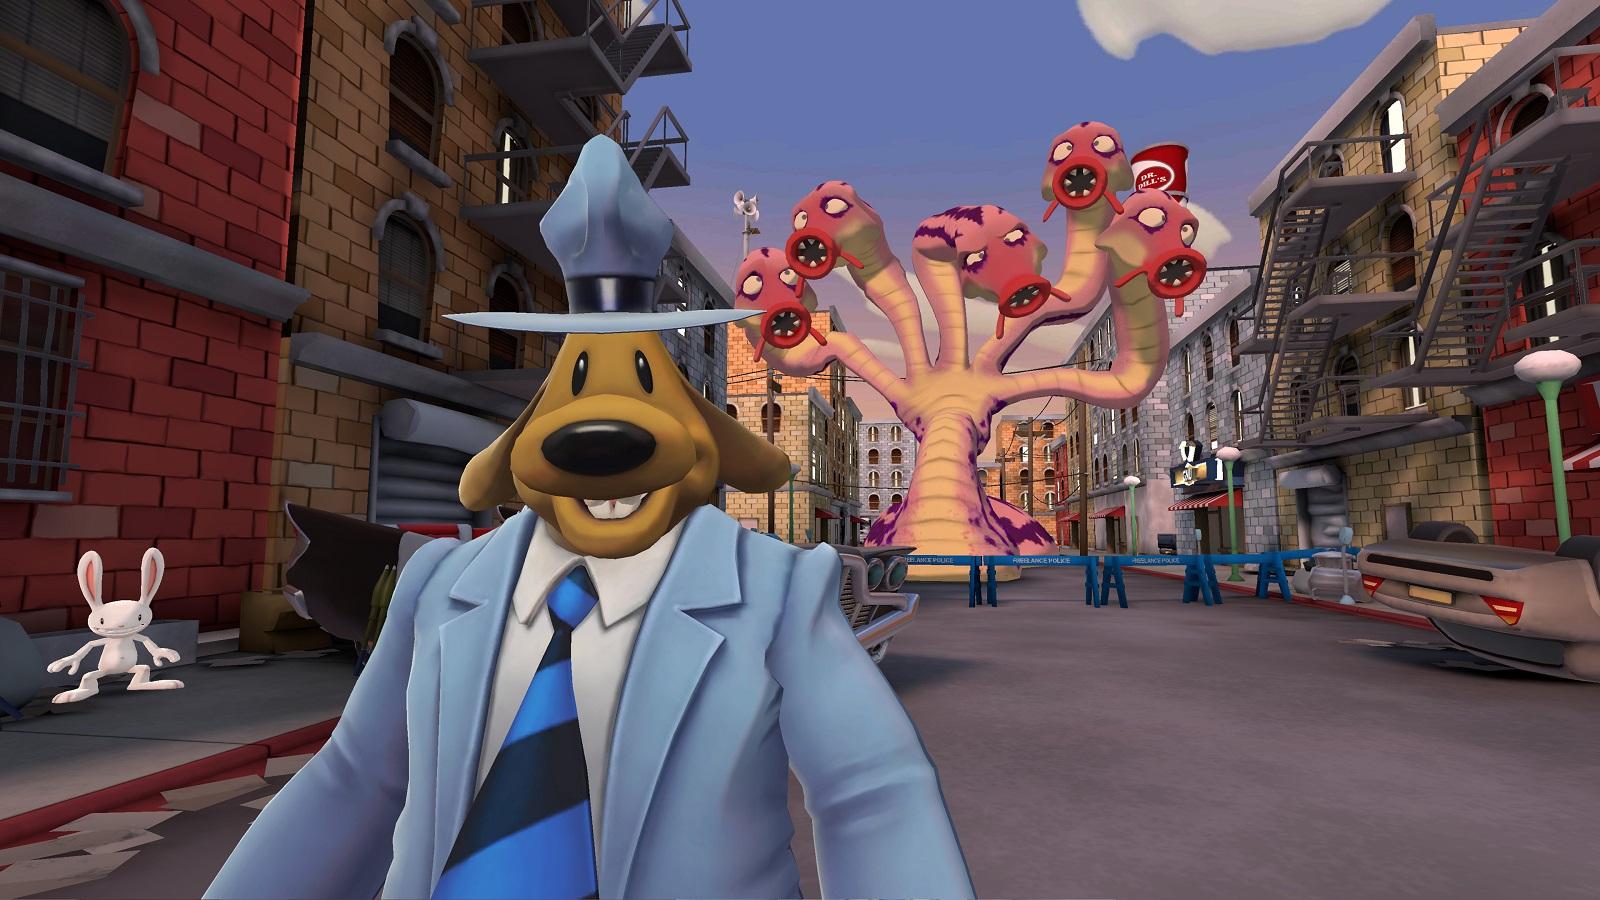 Разработчики Sam & Max: This Time It's Virtual! уточнили сроки выхода и целевые платформы игры